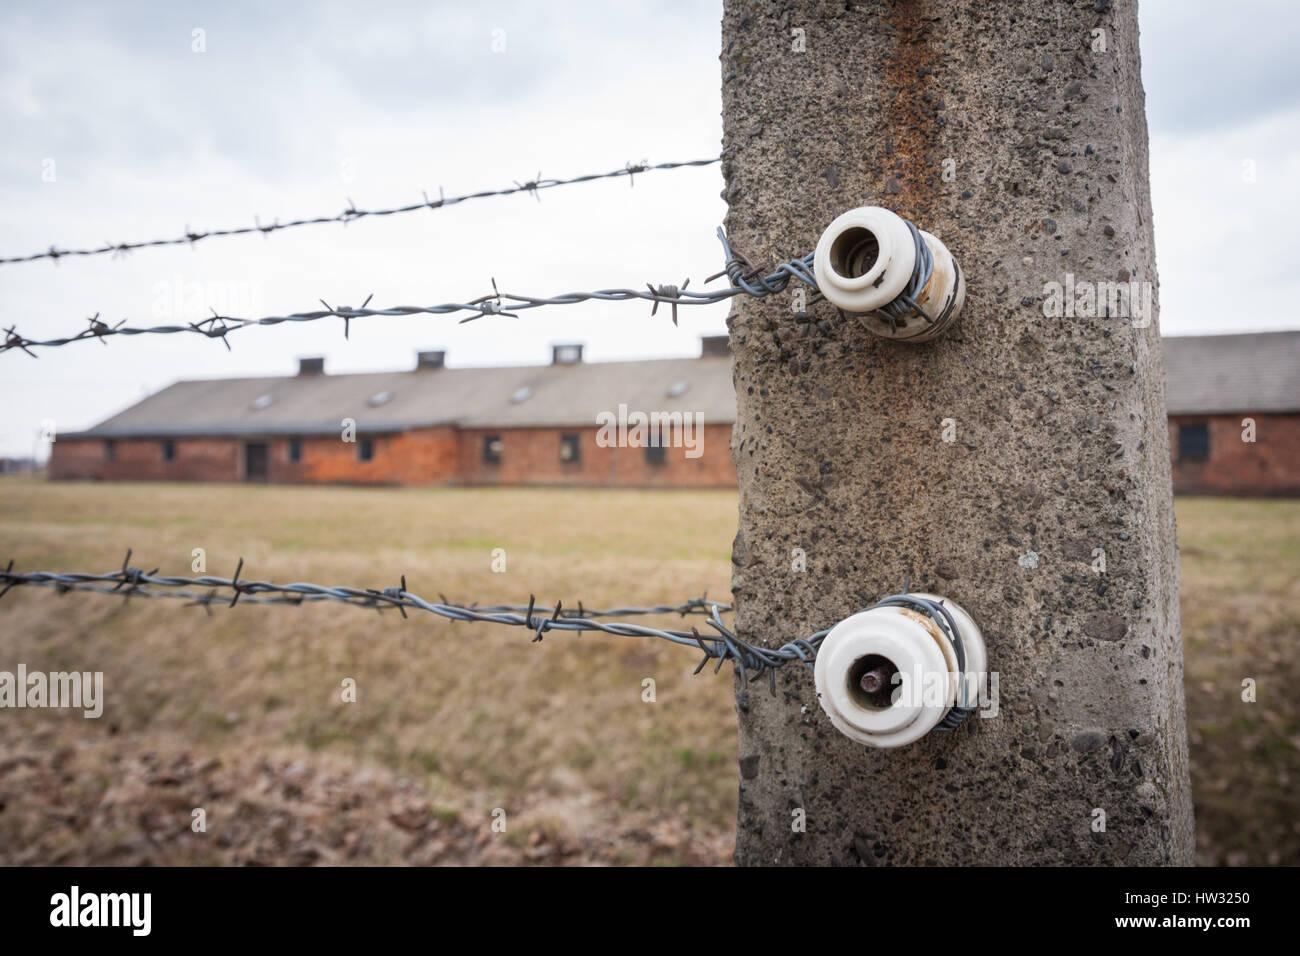 Vue rapprochée de la clôture électrique isolateurs d